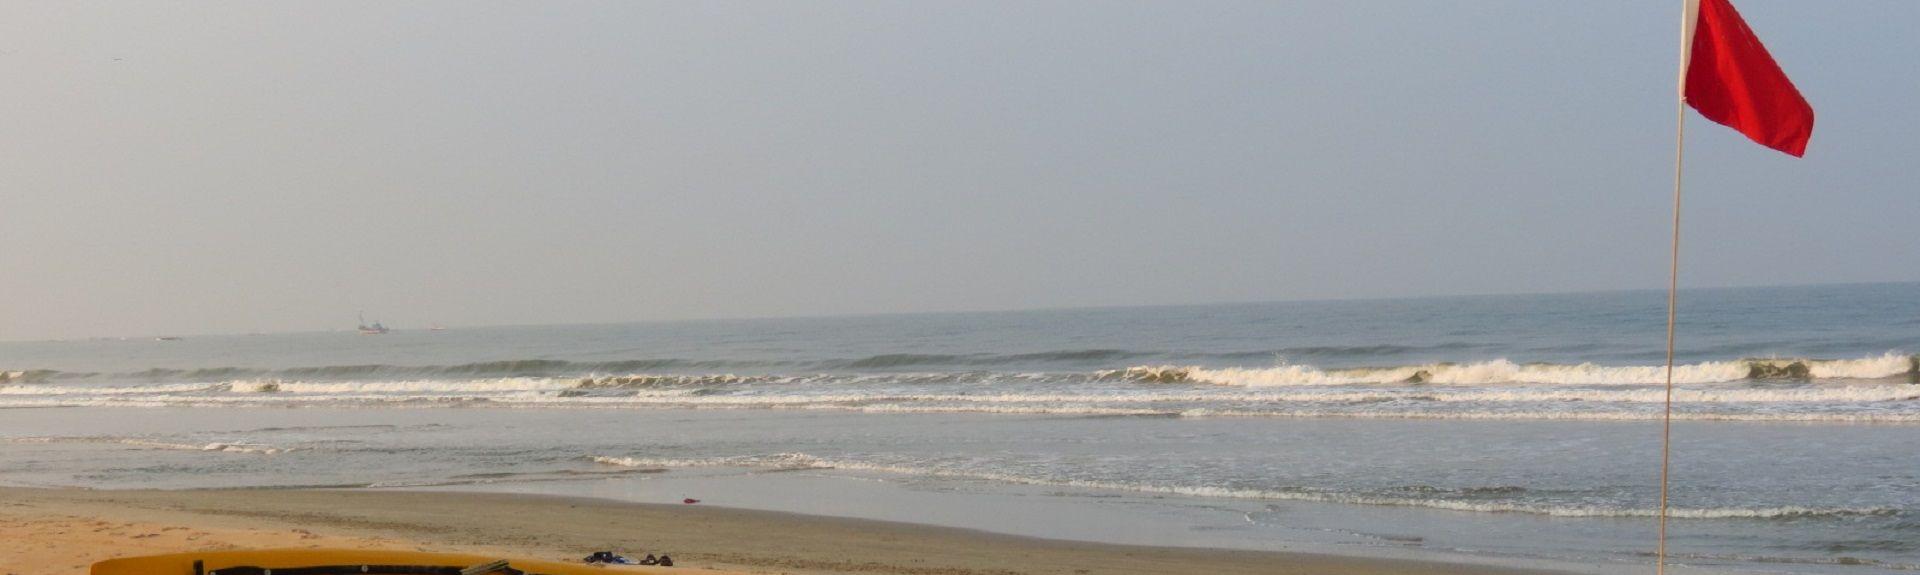 Reis Magos Fort, Reis Magos, Goa, IN